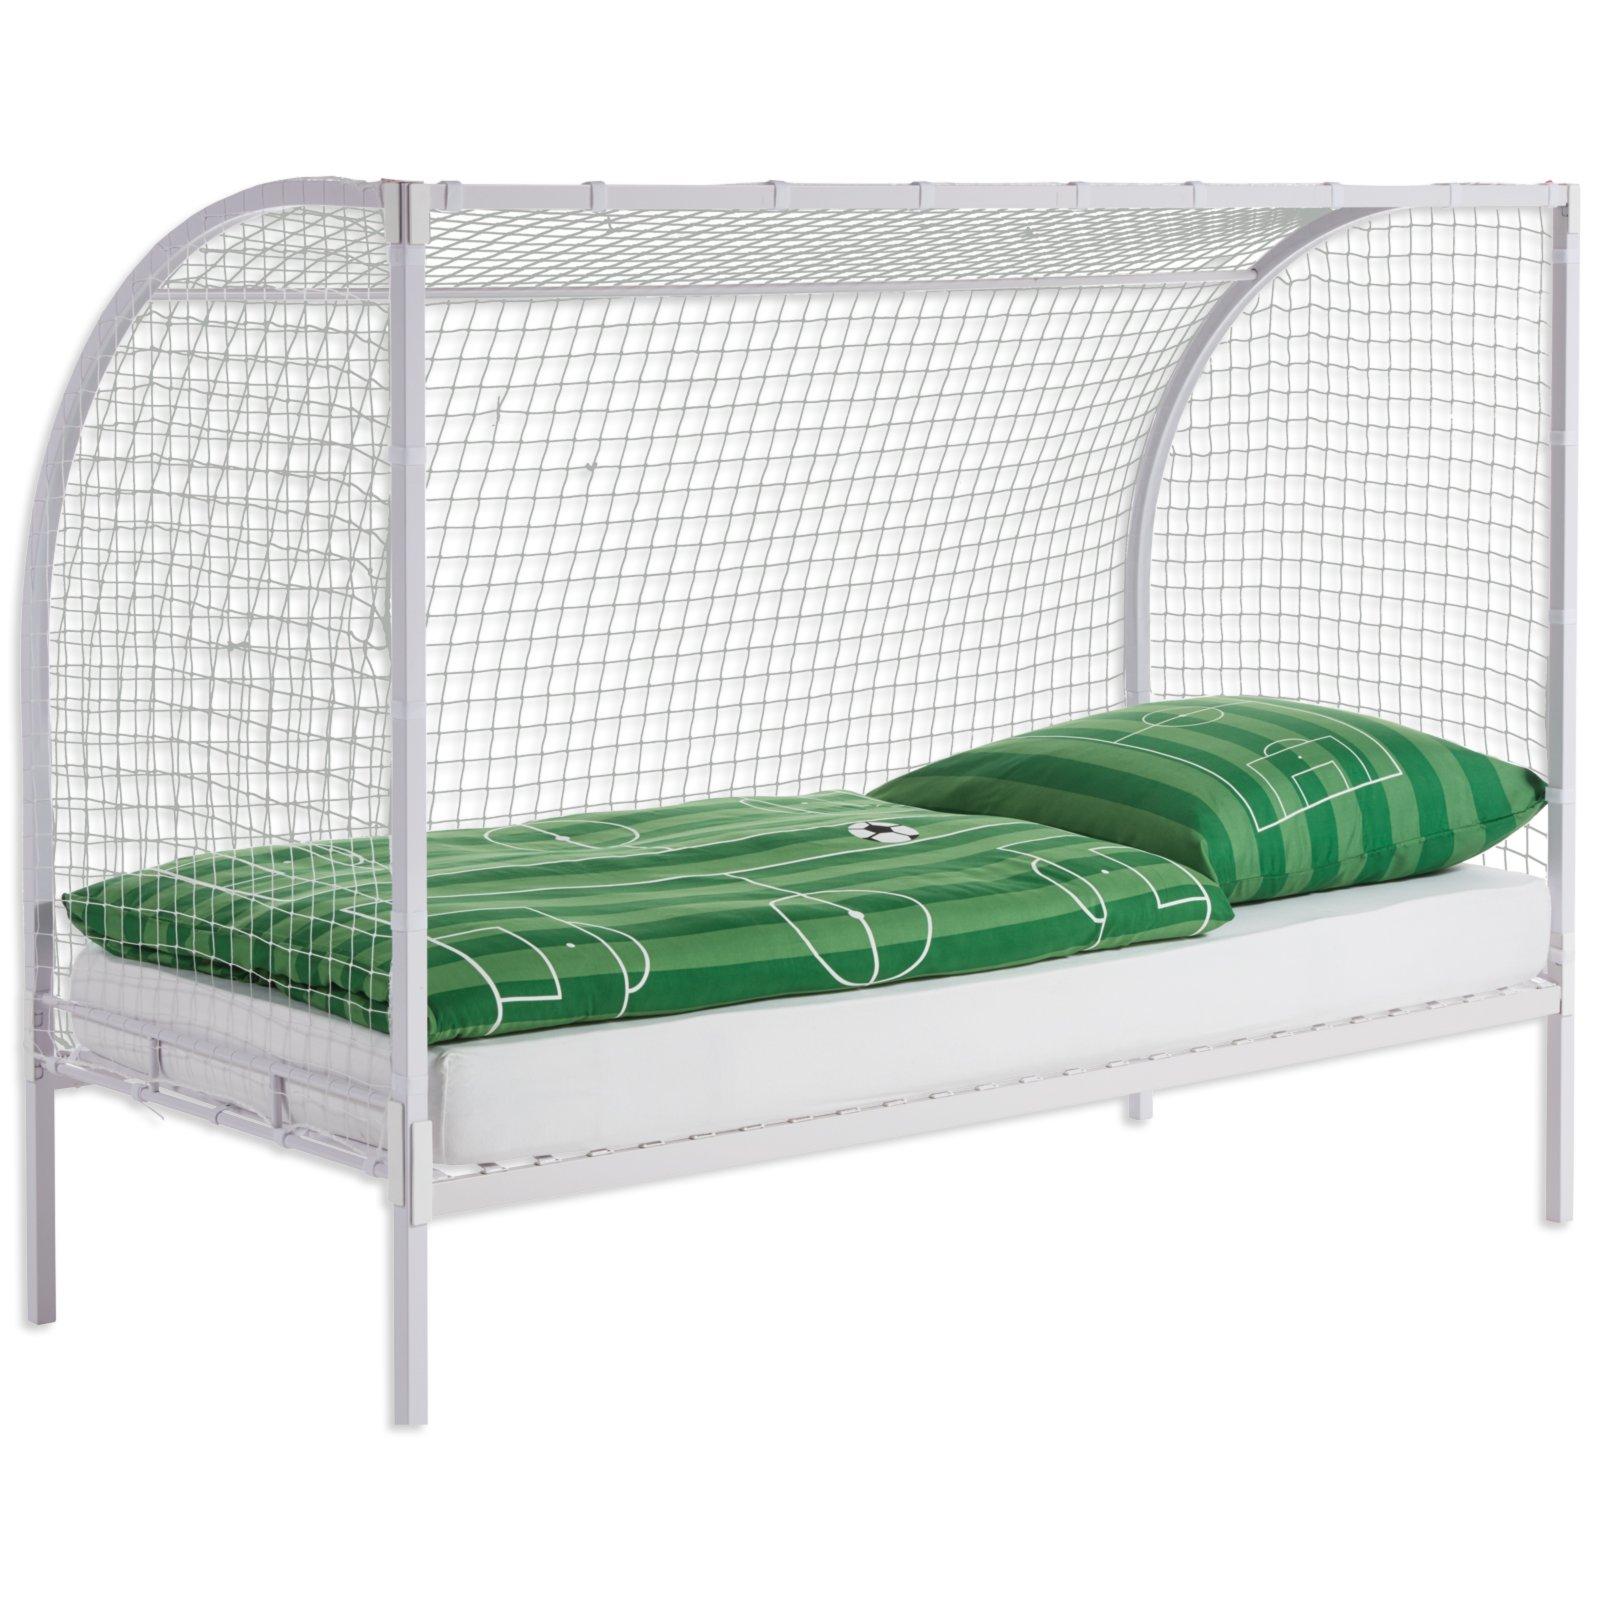 jugendbett zocker wei 90x200 cm bettgestelle betten m bel roller m belhaus. Black Bedroom Furniture Sets. Home Design Ideas